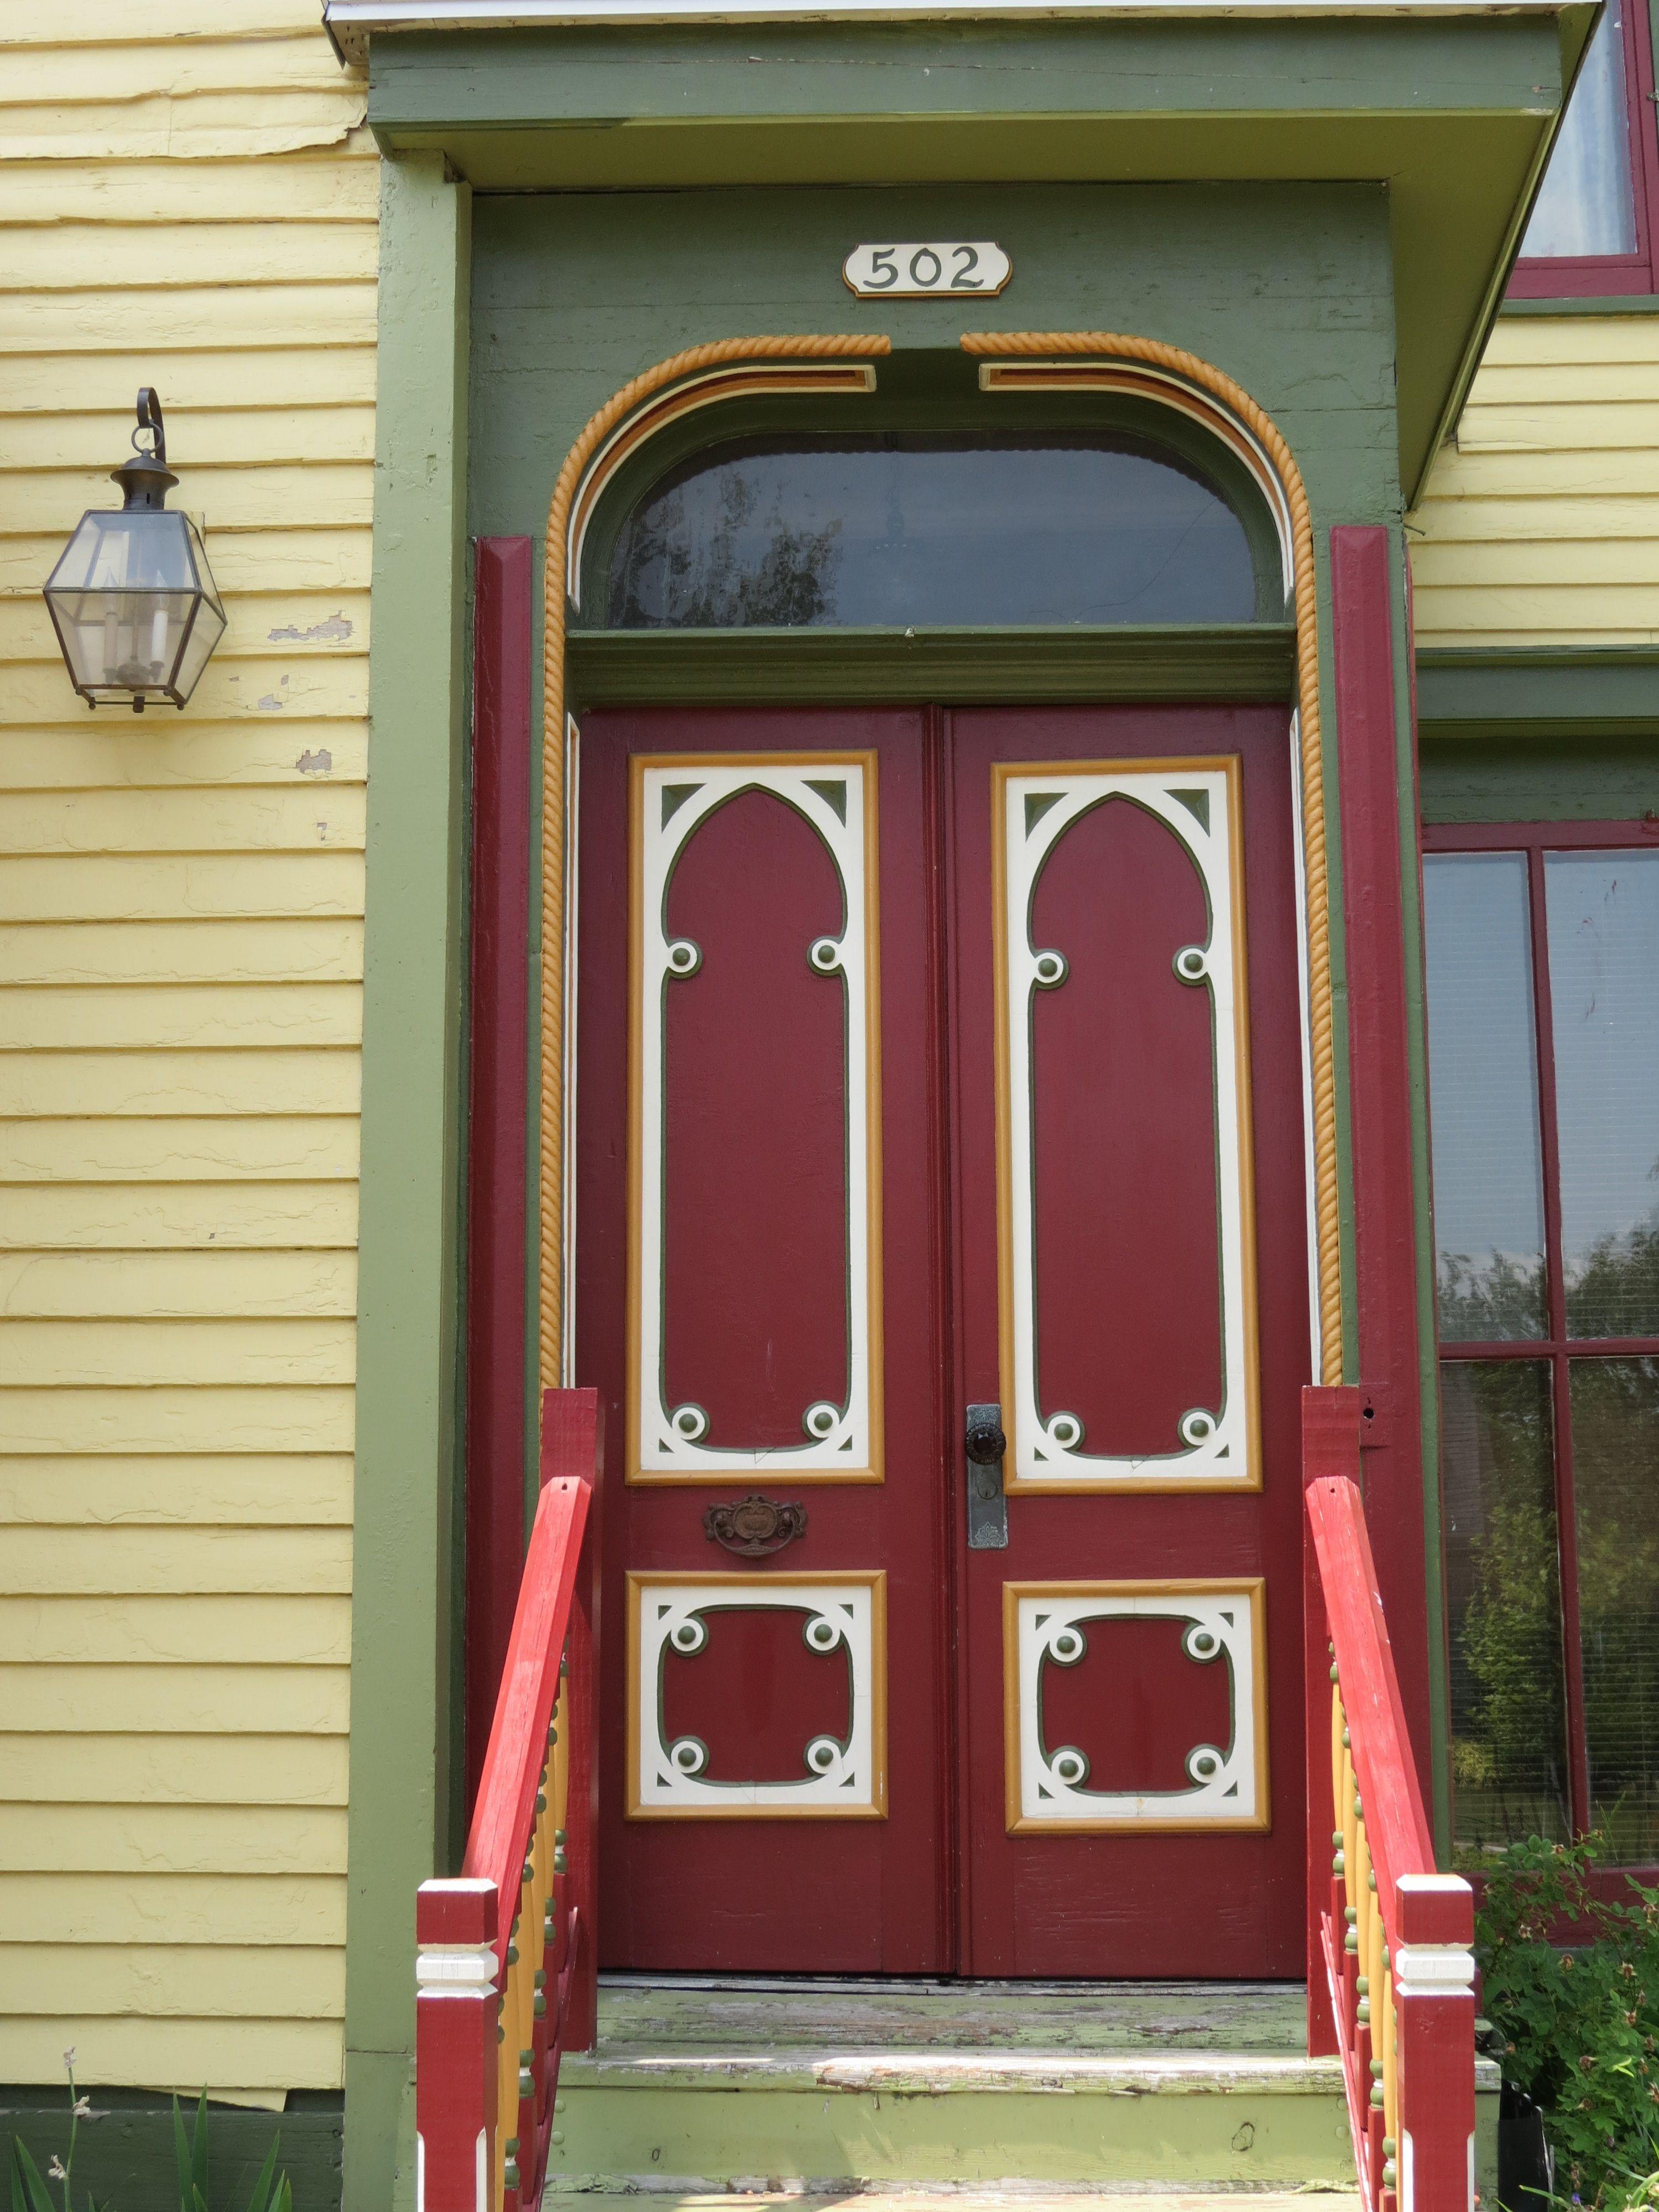 Front door detail of our 1860u0027s Italianate. Muskegon MI. & Front door detail of our 1860u0027s Italianate. Muskegon MI. | Muskegon ...